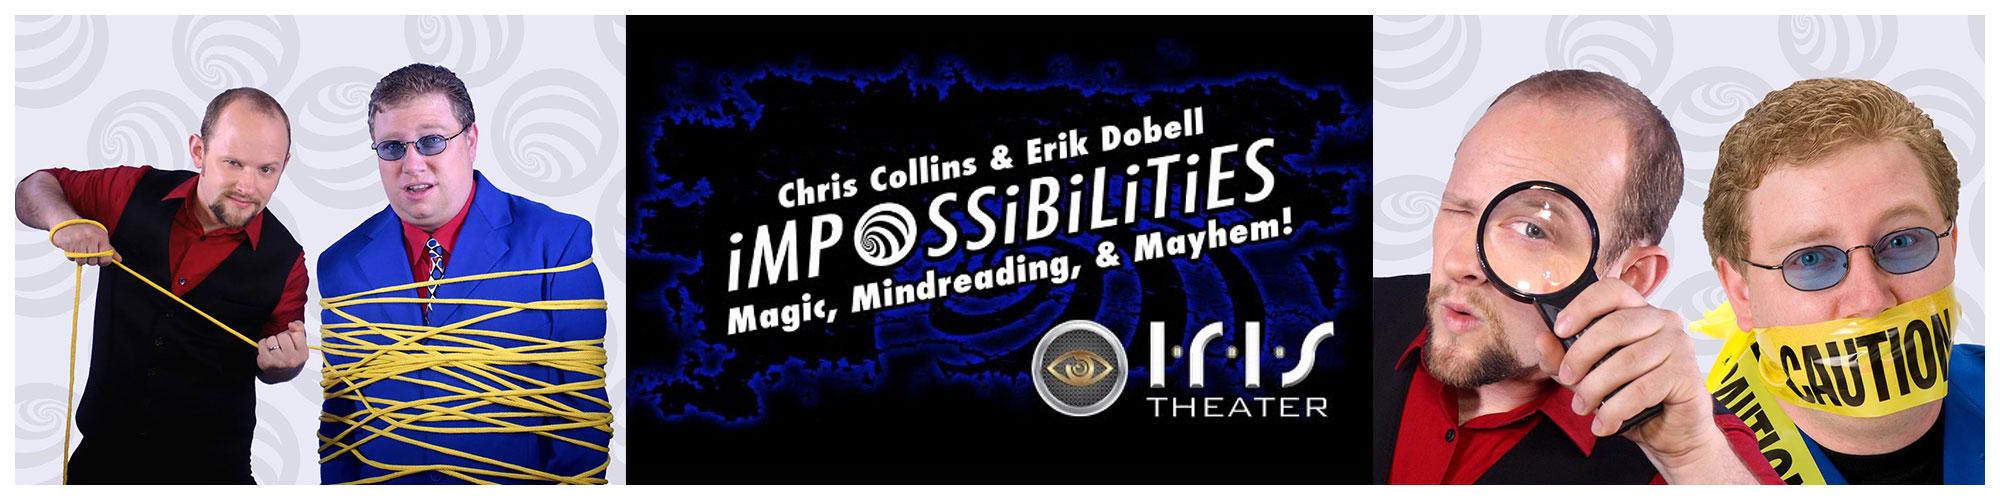 Iris Theater (Header Background) | Gatlinburg Attractions